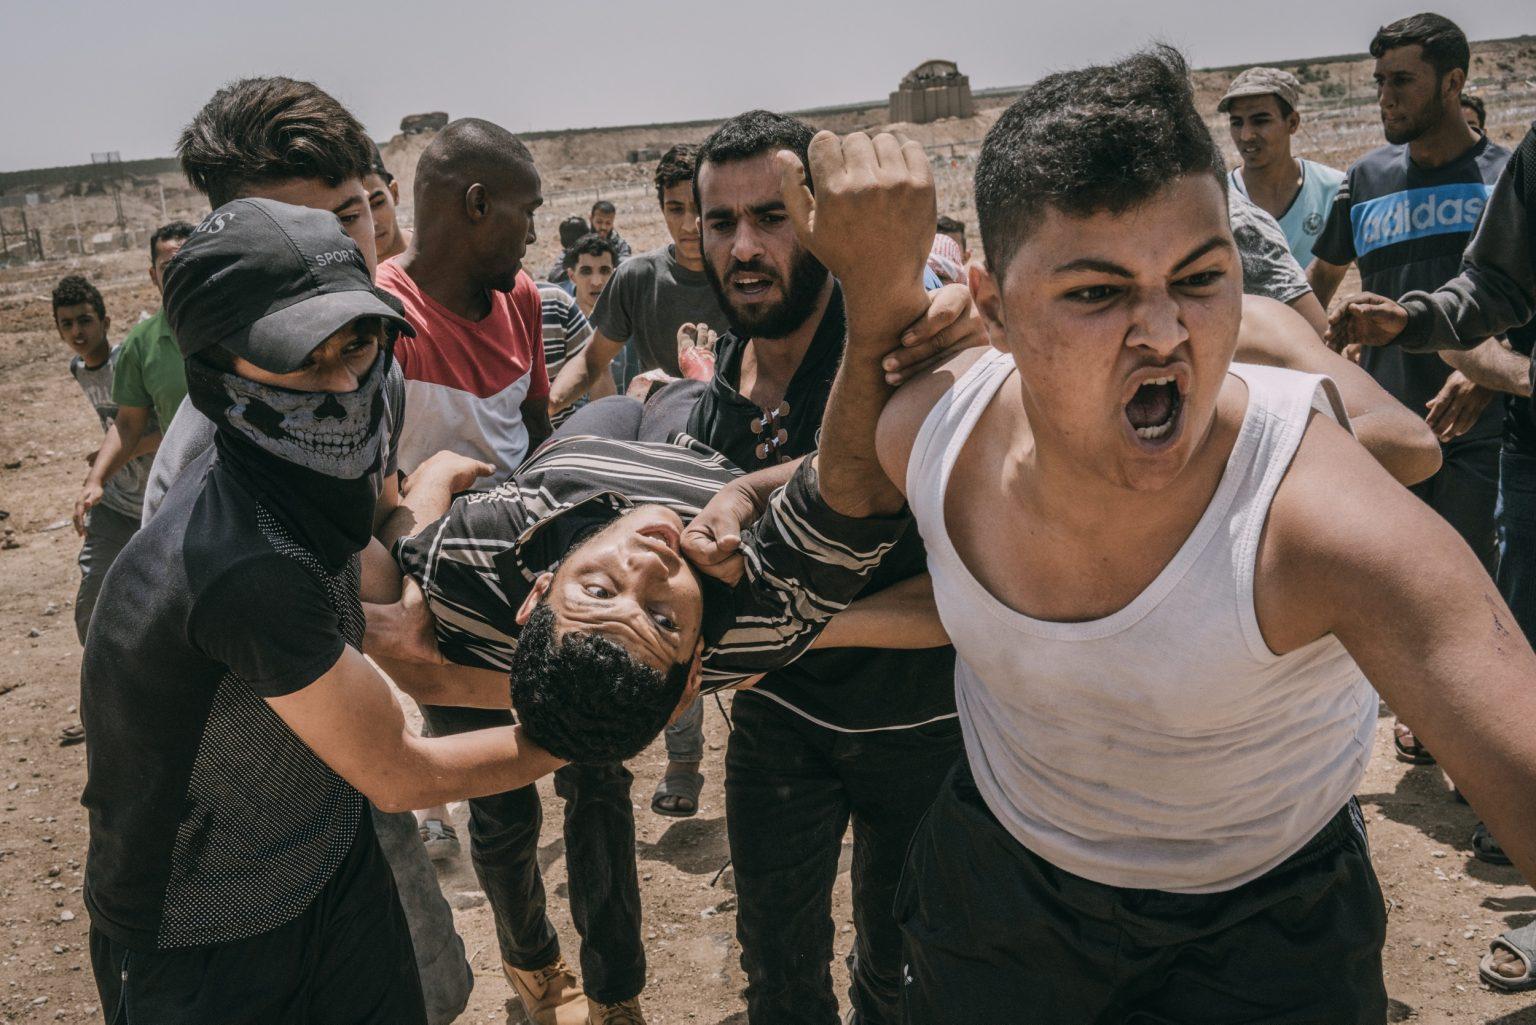 Gaza Strip, May 2018 - A wounded demonstrator is evacuated during the protest along the Gaza-Israel border. >< Striscia di Gaza, maggio 2018 - Un manifestante ferito viene portato via dal confine tra Gaza e Israele.